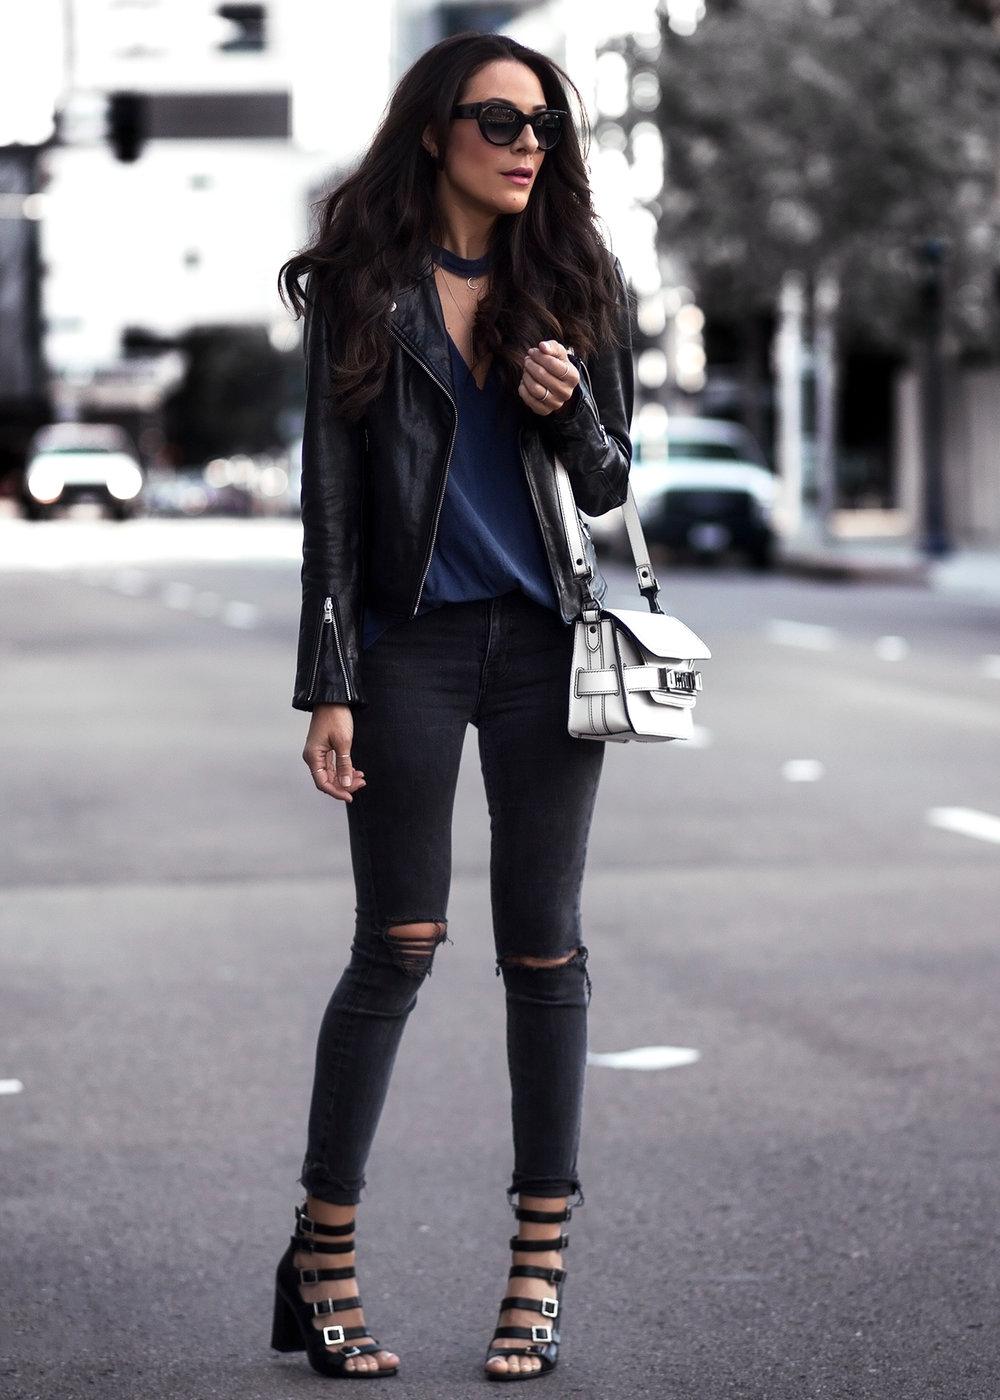 Proenza_Schouler_Saint_Laurent_Block_Heels_Streetstyle.jpg